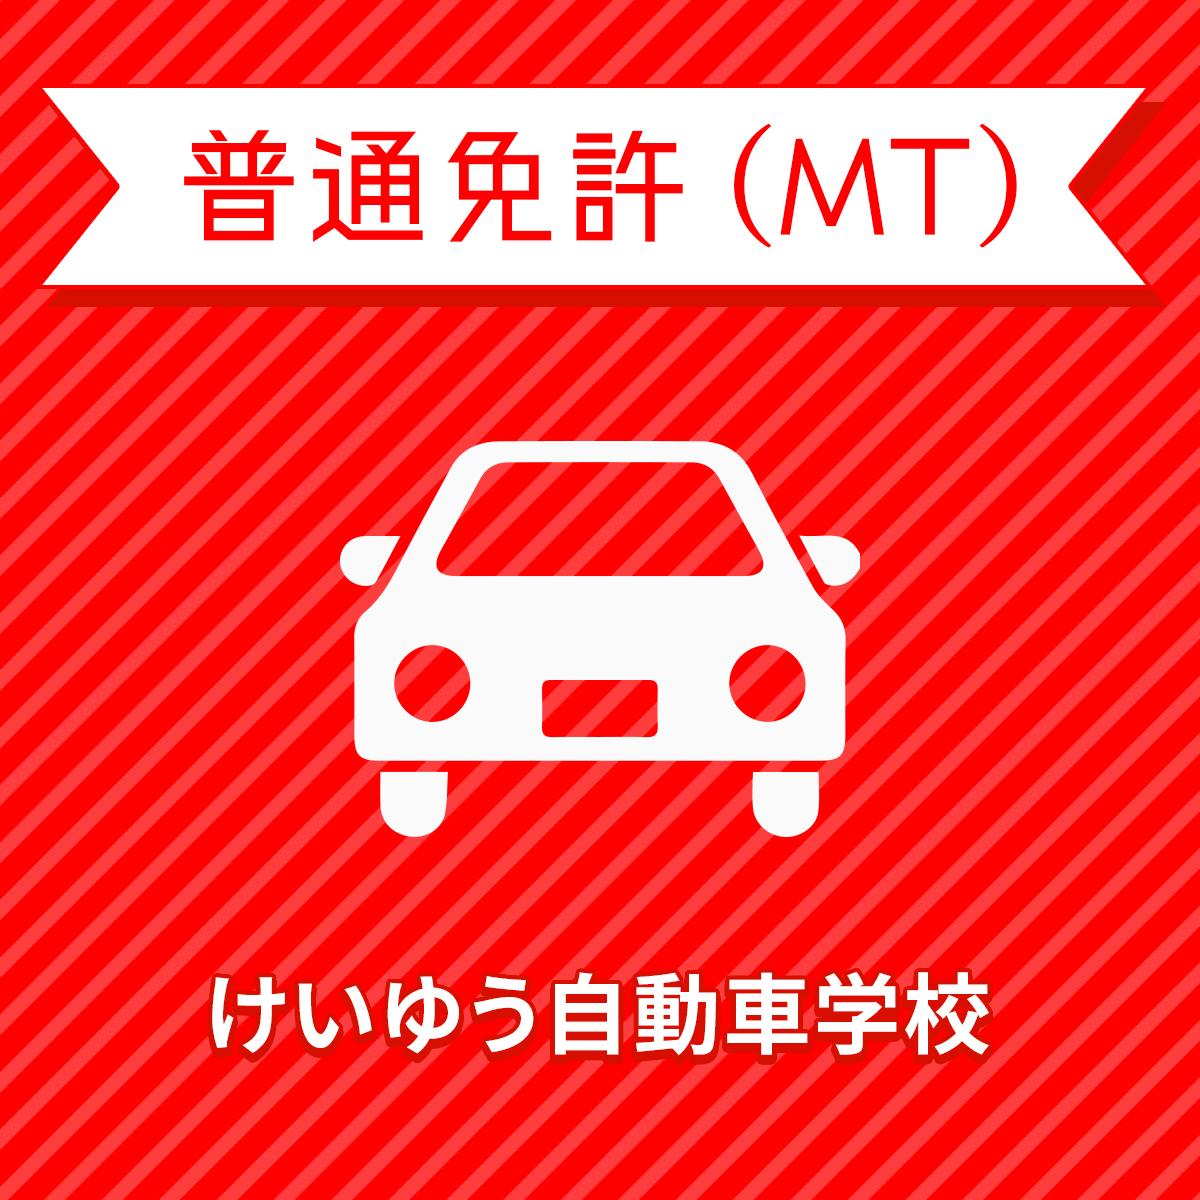 【宮崎県都城市】普通車MTコース